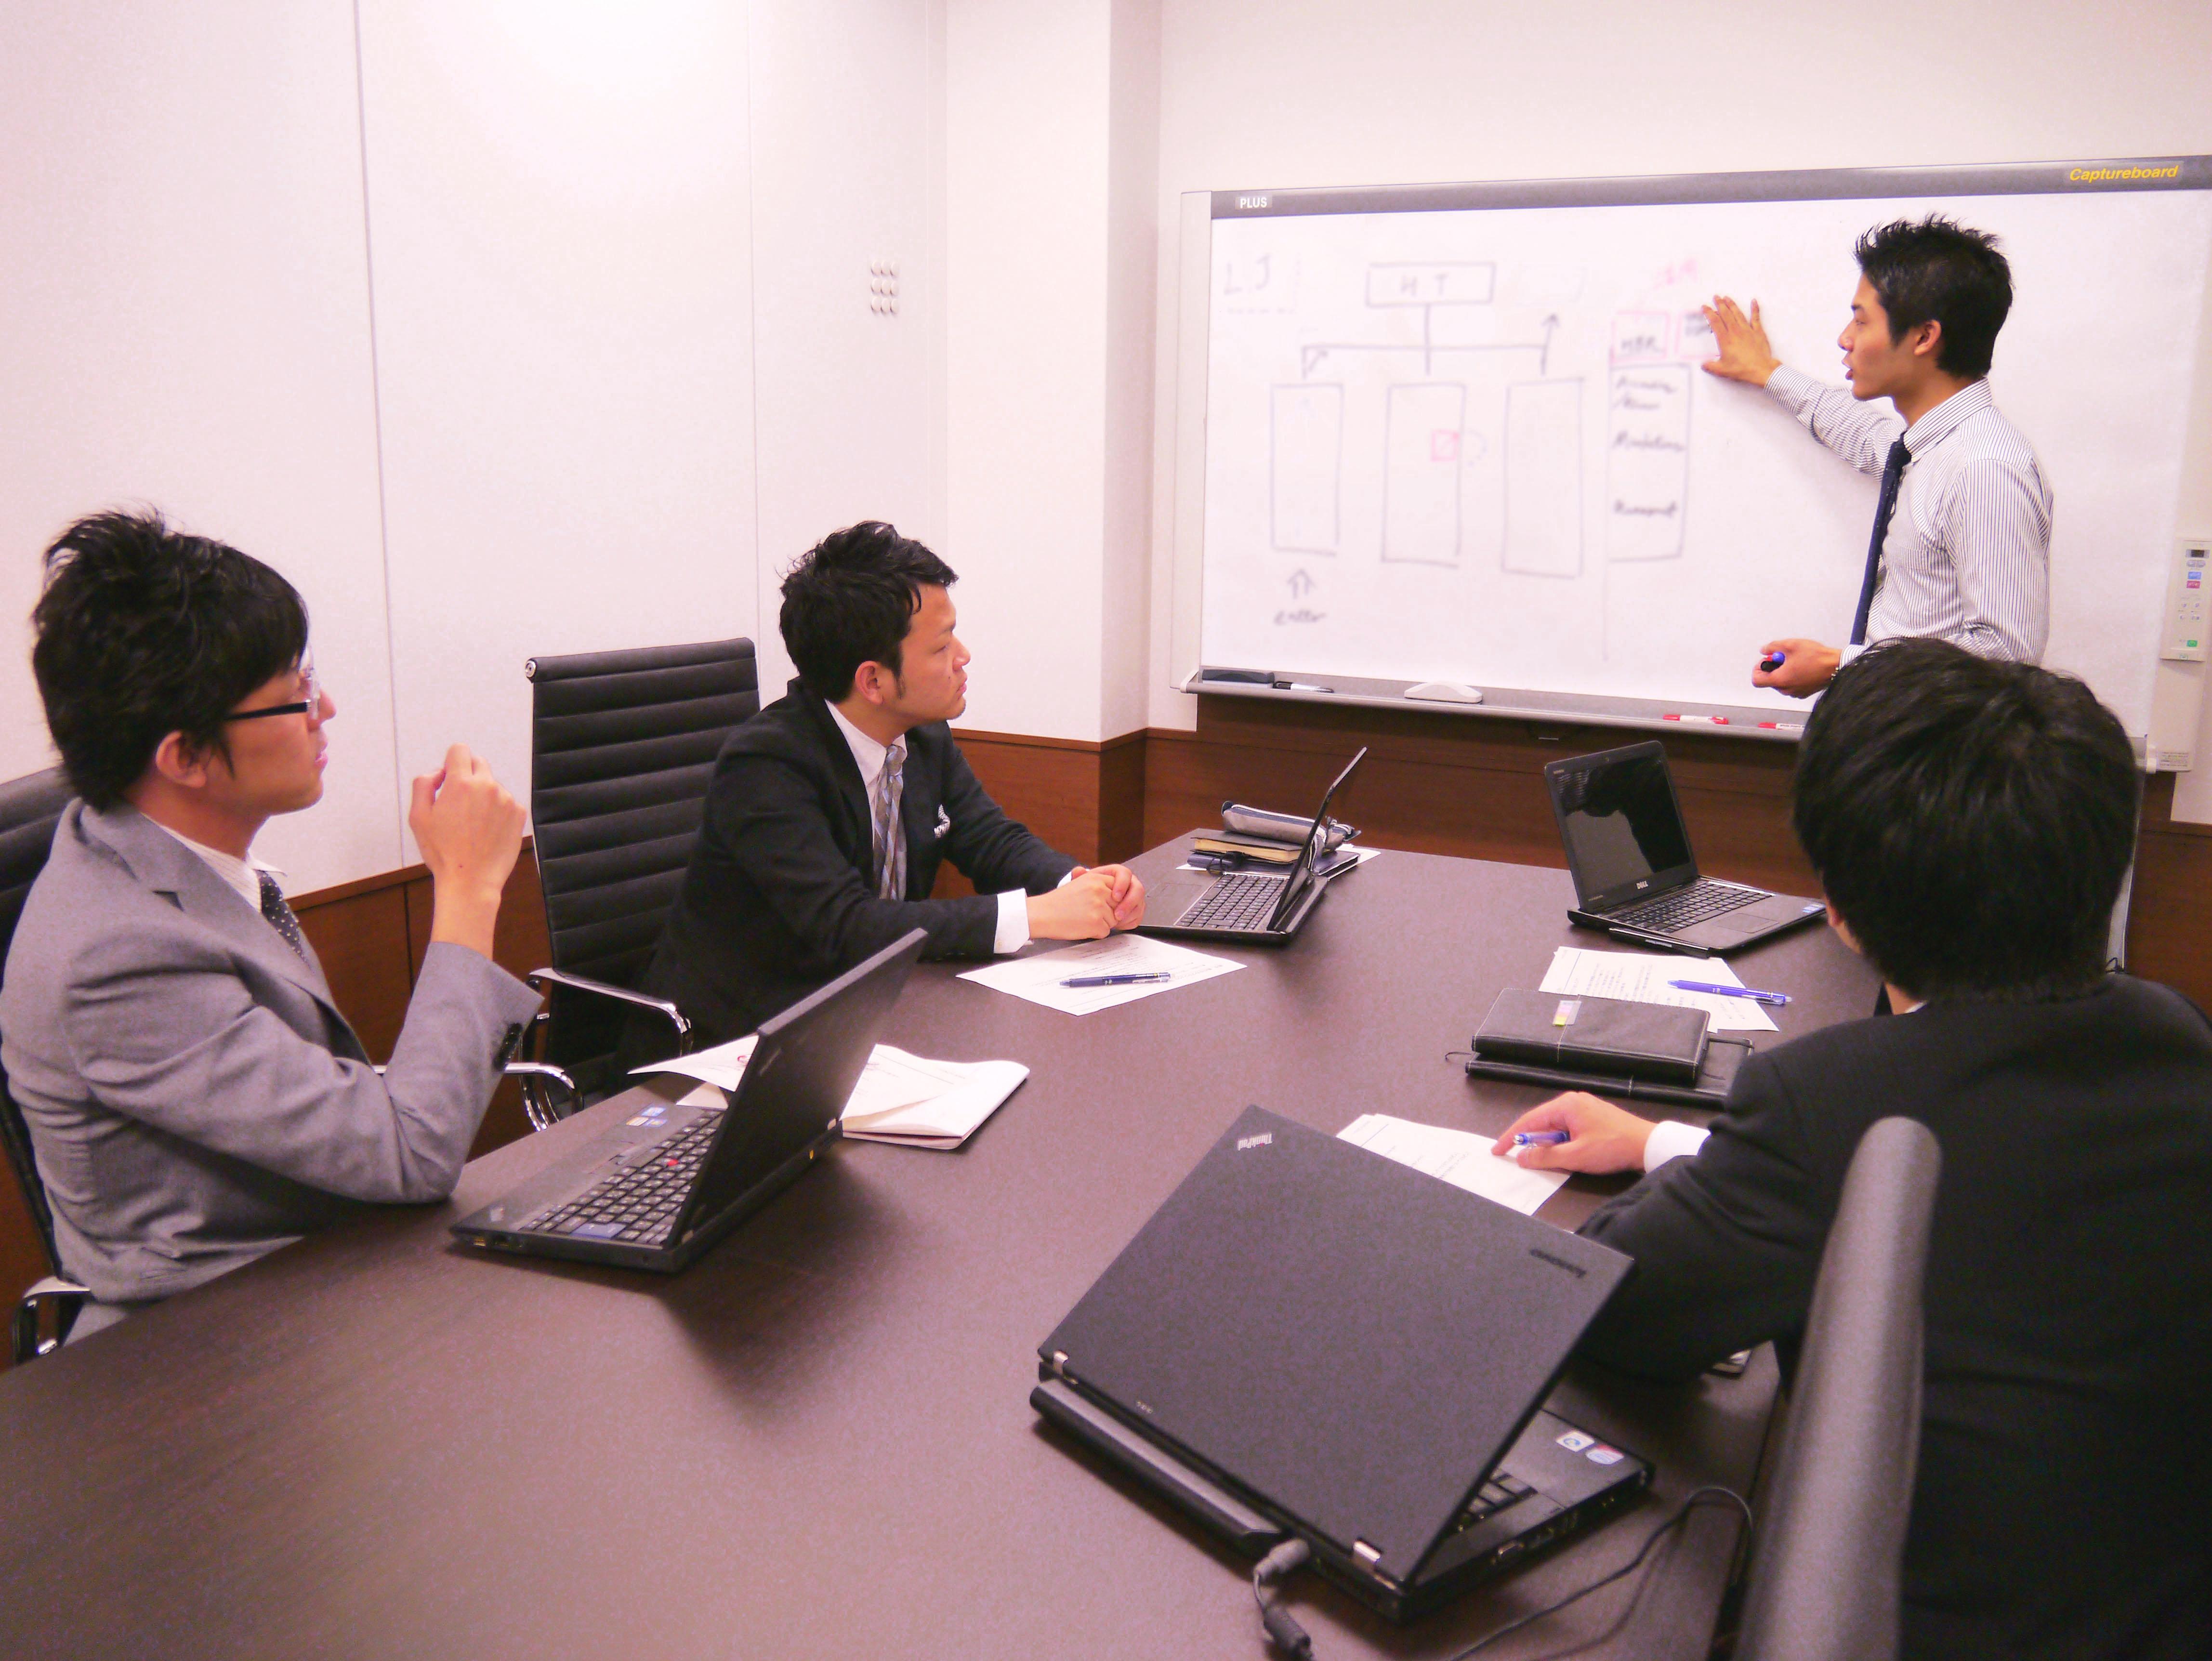 事業開発・商品開発に特化したコンサルティングファーム